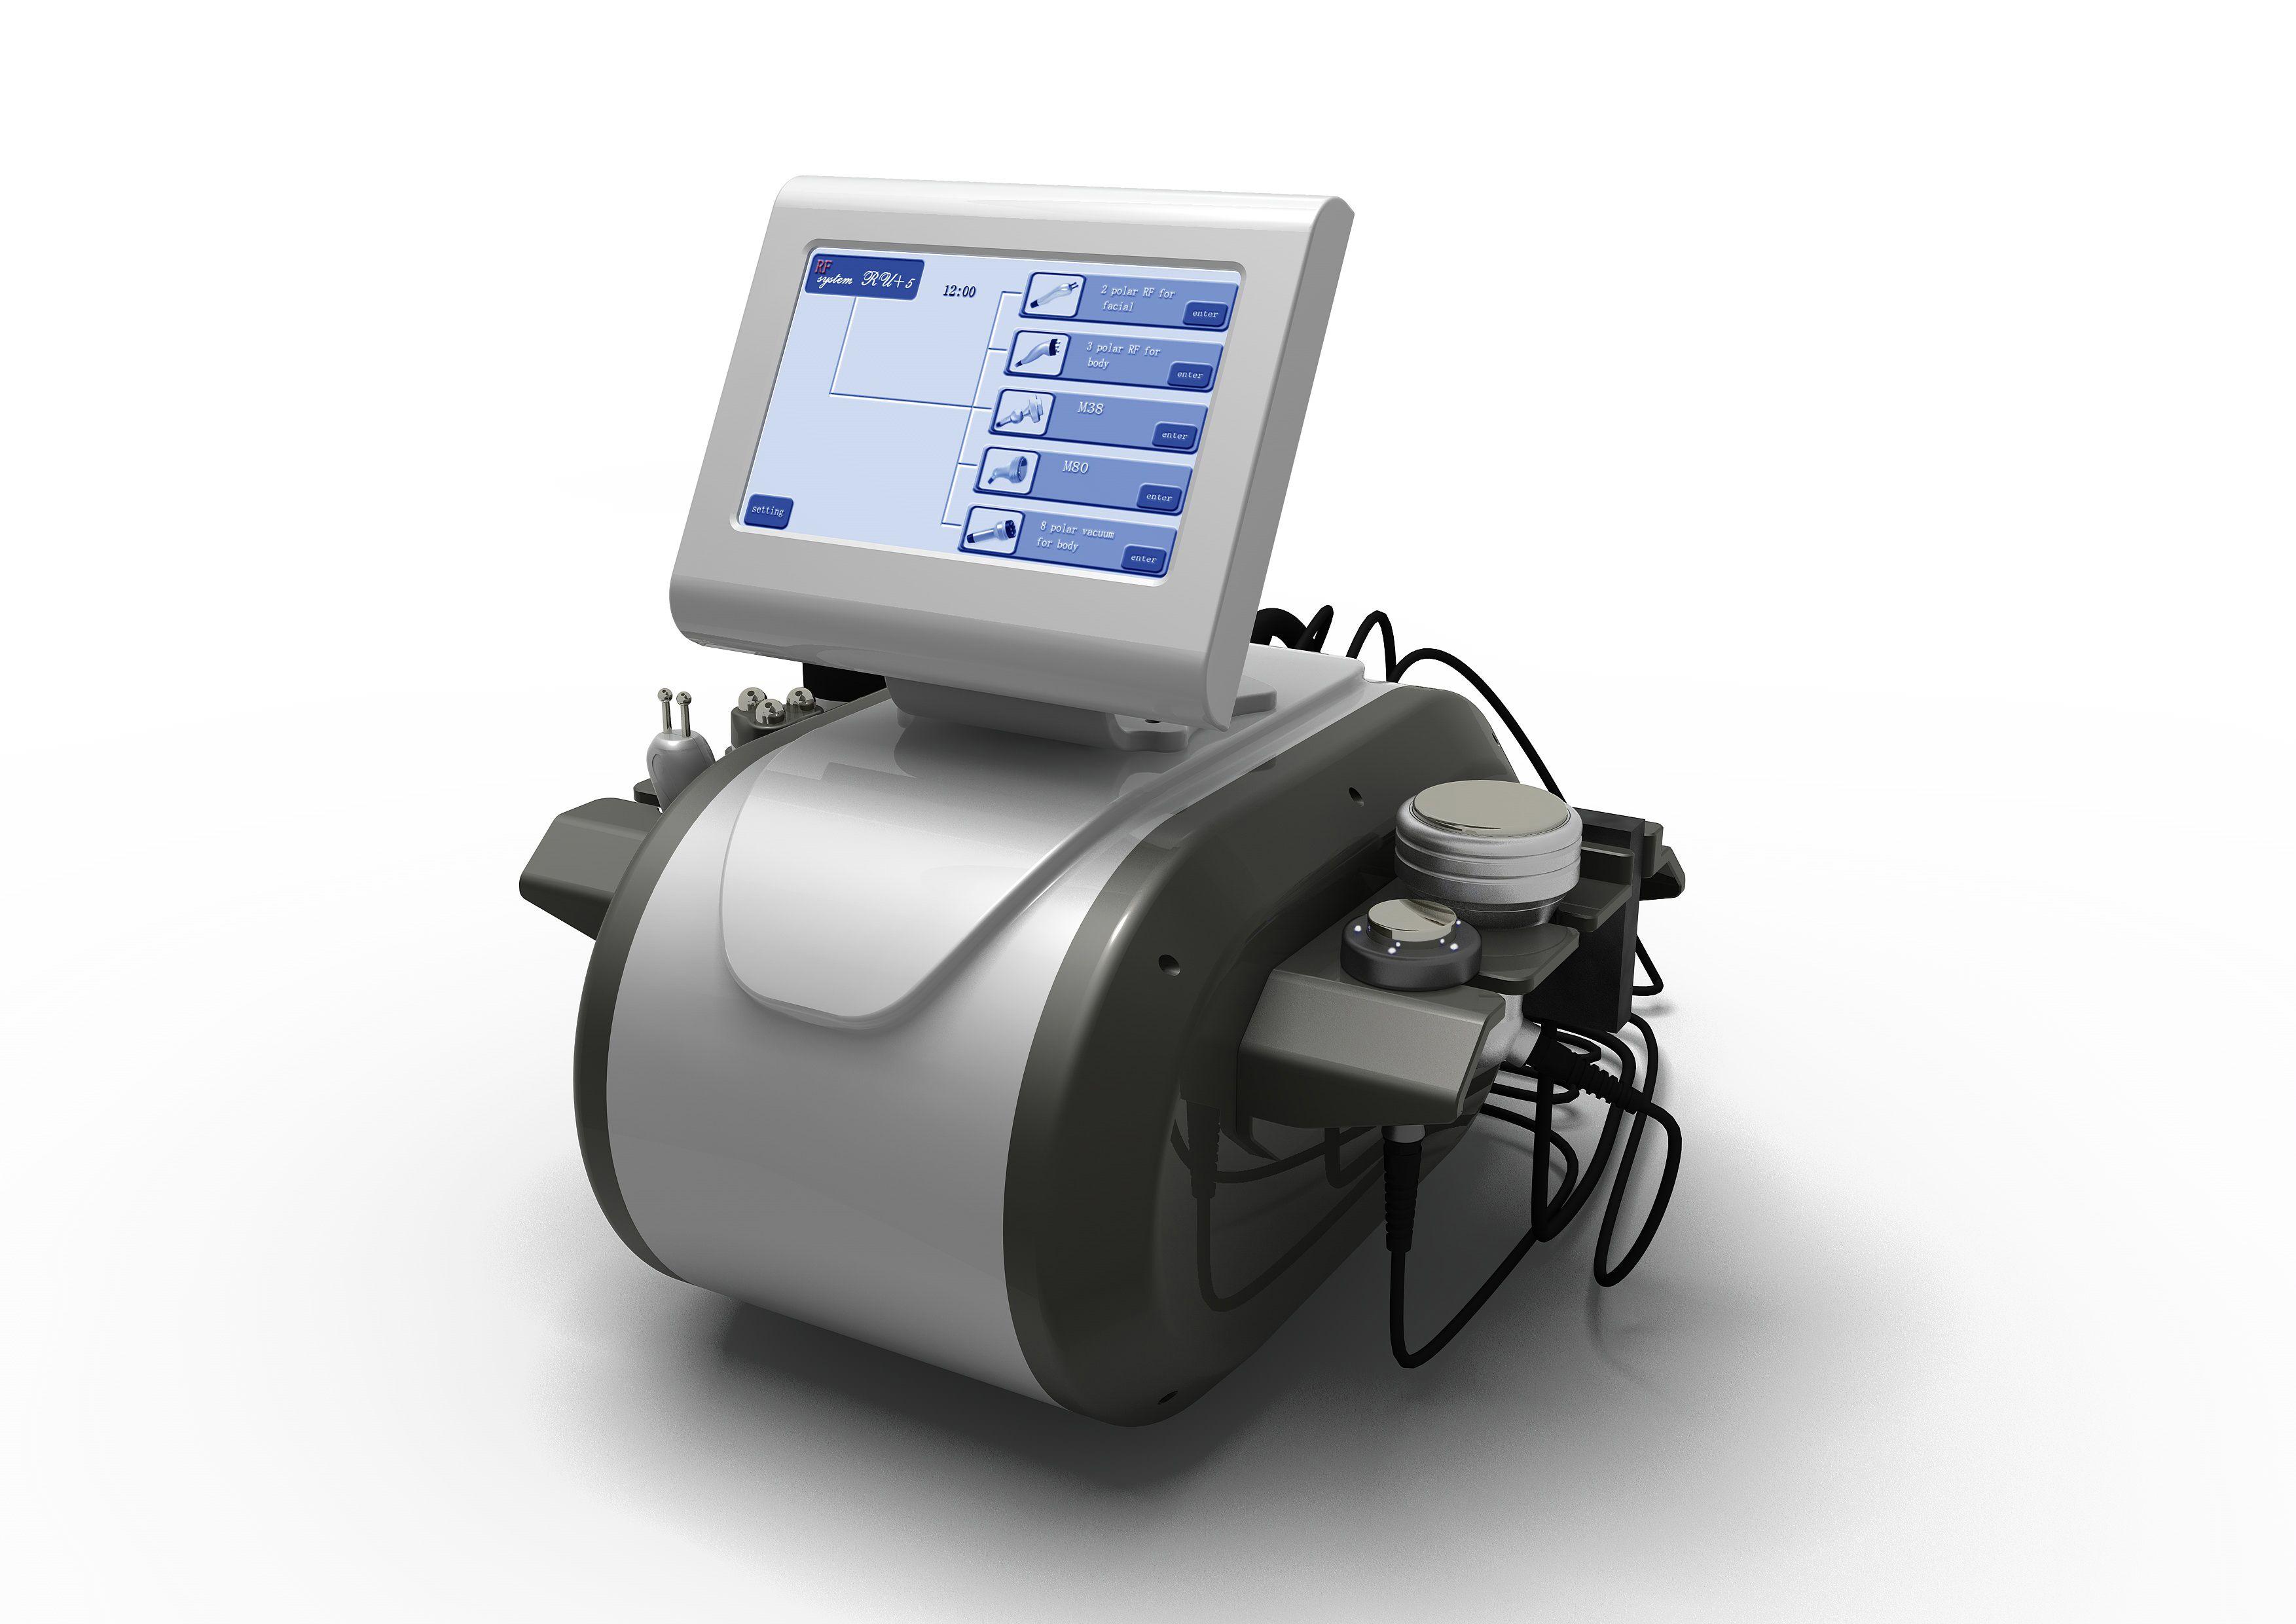 5 en 1 Cavitación ultrasónica de ultrasonido y RF Liposuction Vacuum Slimming Cavifing Máquina de RF multipolar